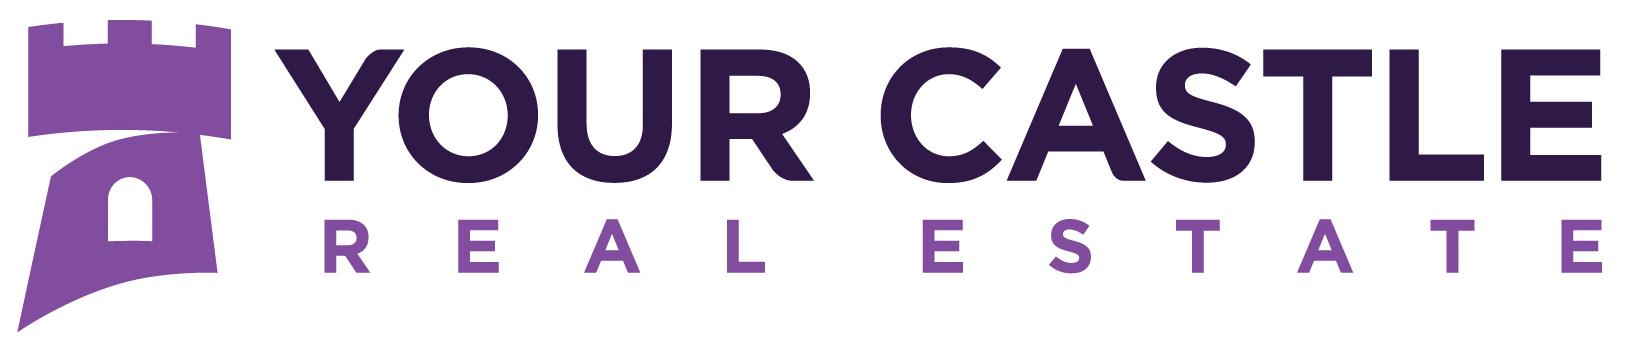 YCRE Logo B&W